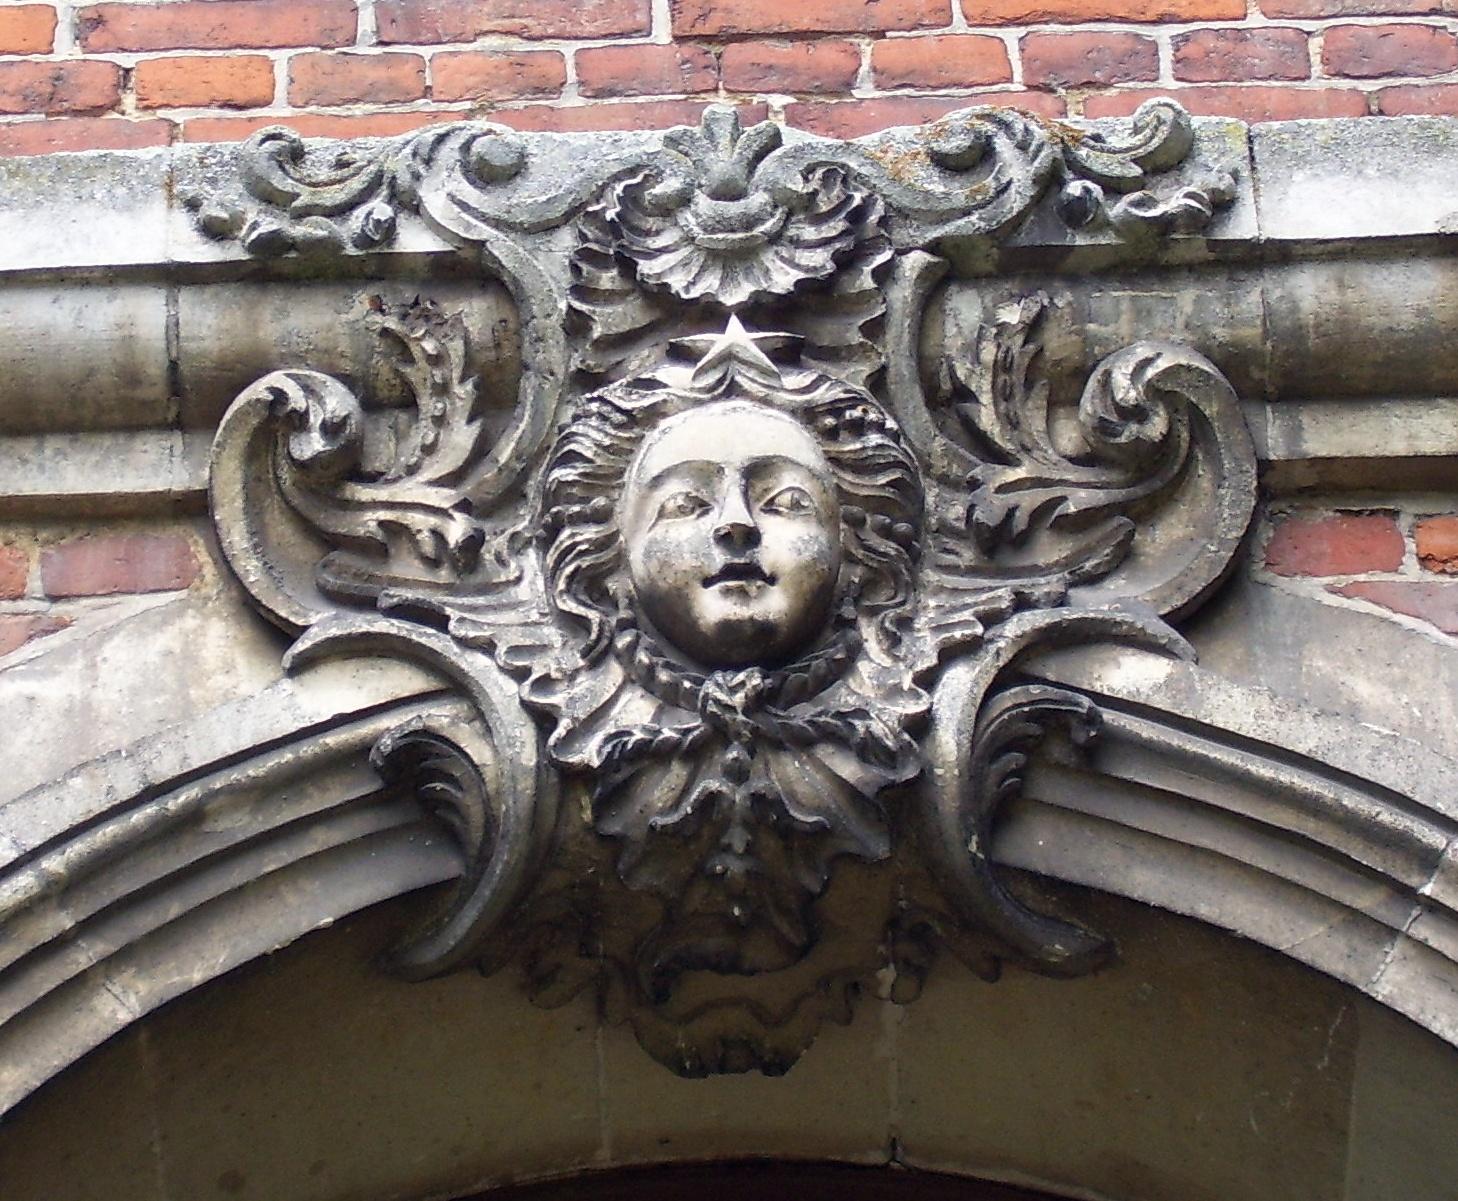 Verzierung an der Fassade, eigenes Foto, public domain/gemeinfrei